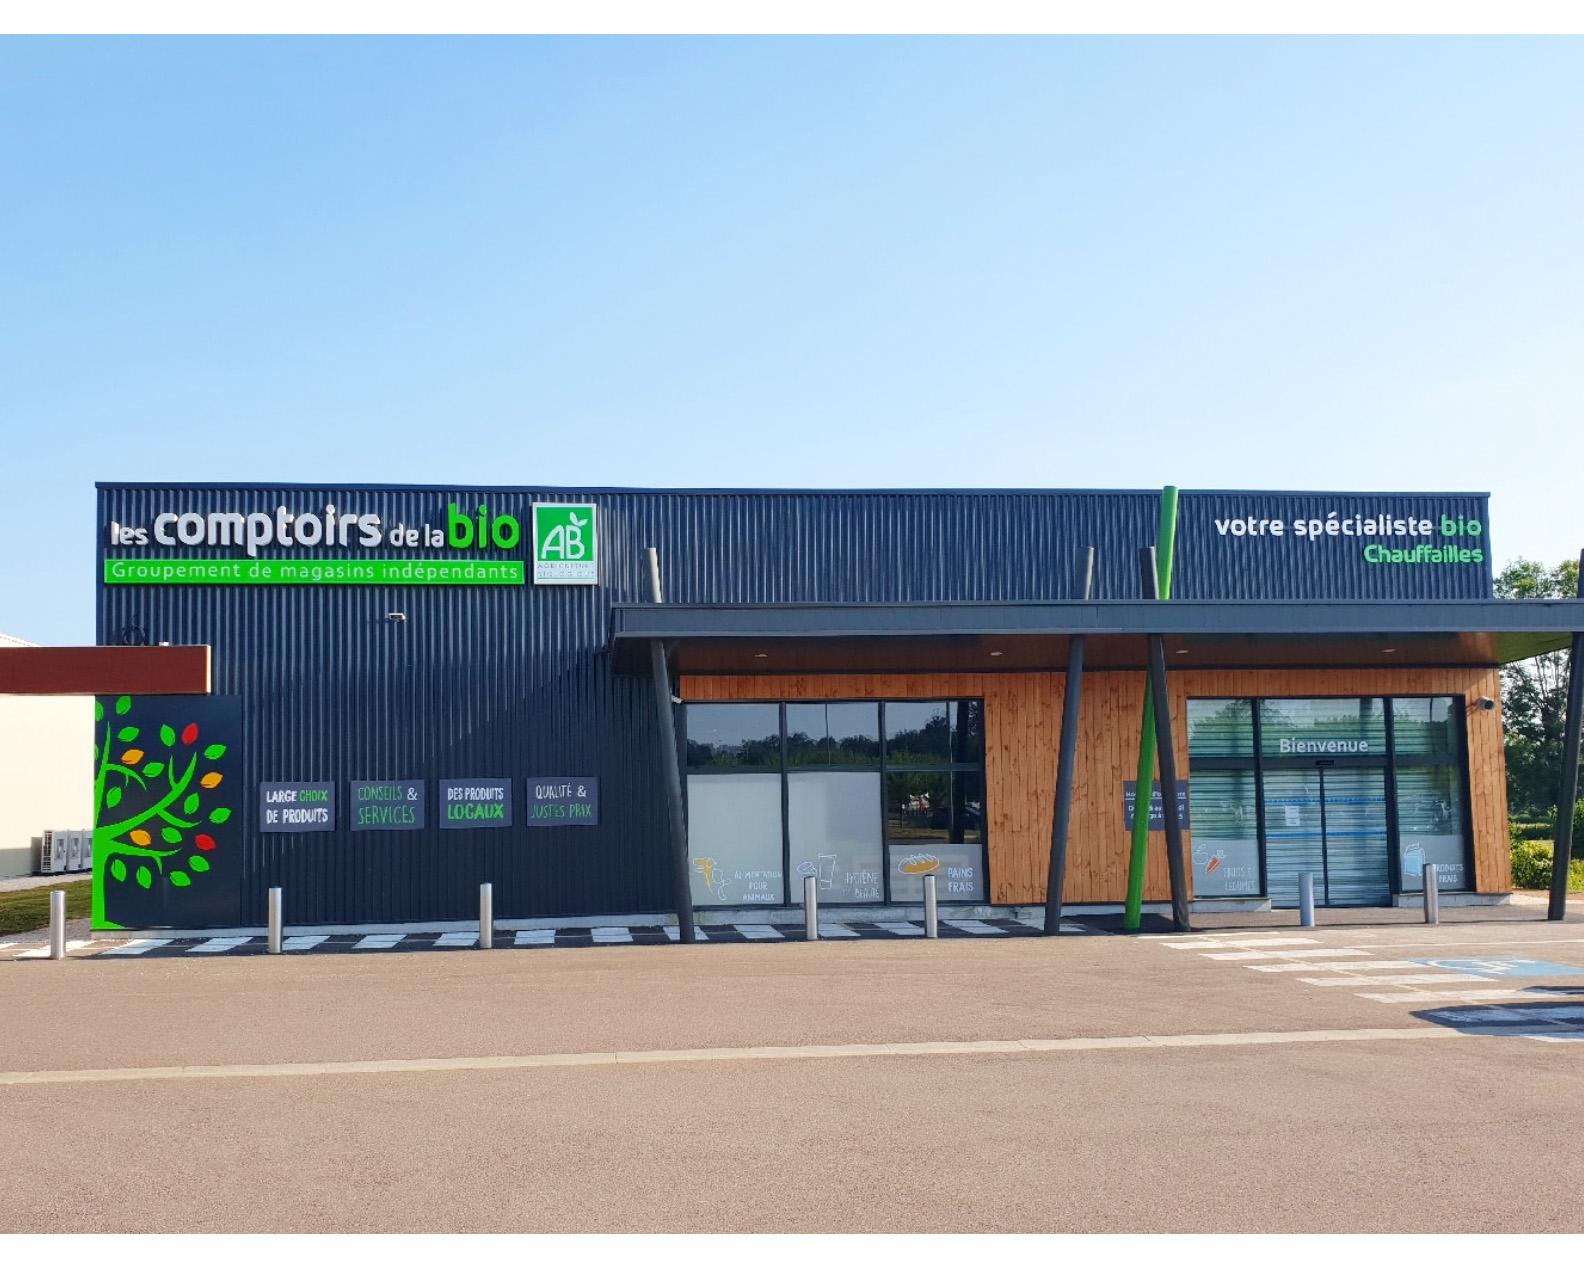 Les Comptoirs de la Bio Chauffailles, magasin spécialisé en alimentation bio et local